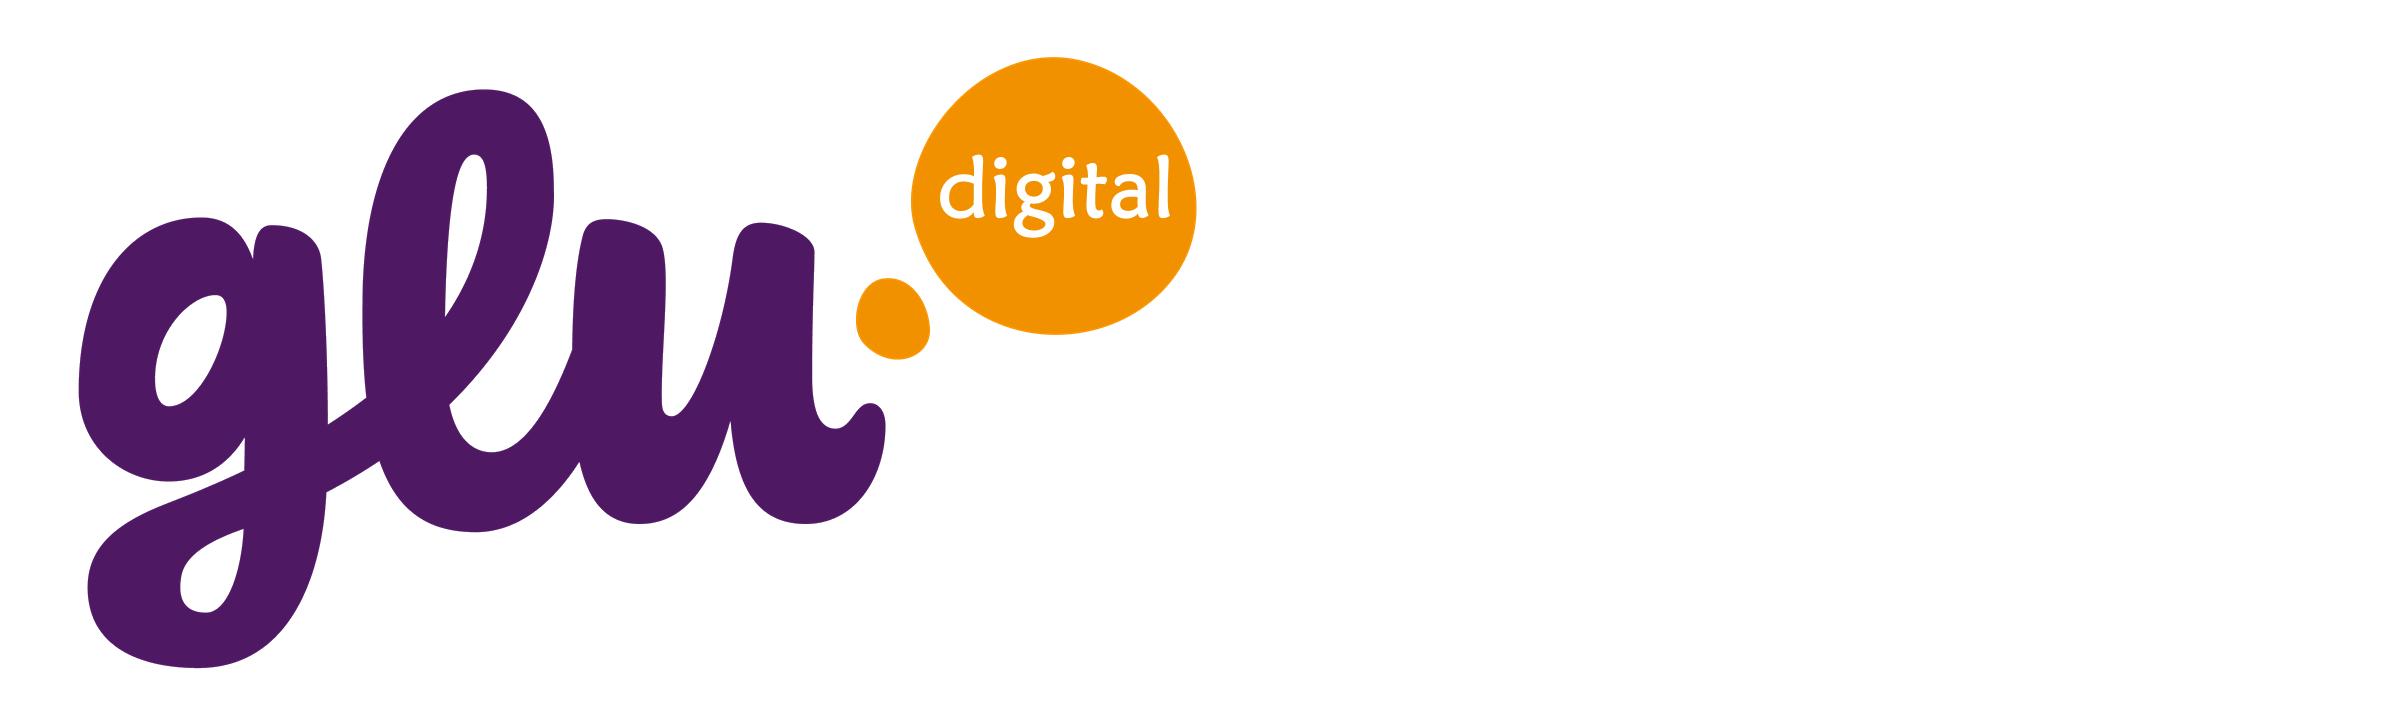 Glu Digital